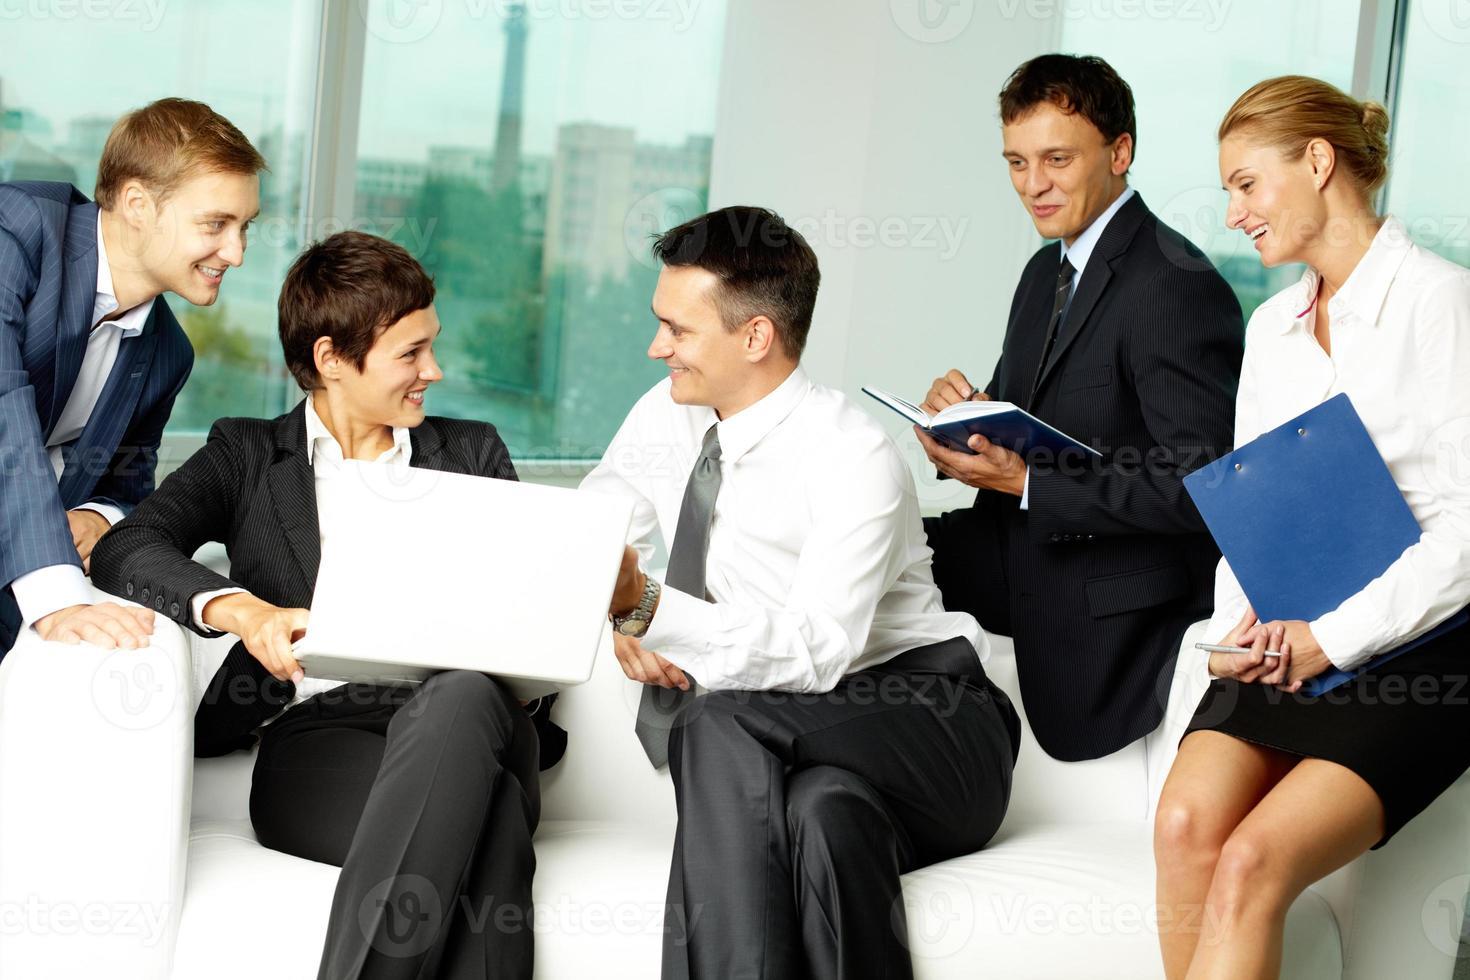 comunicação Empresarial foto